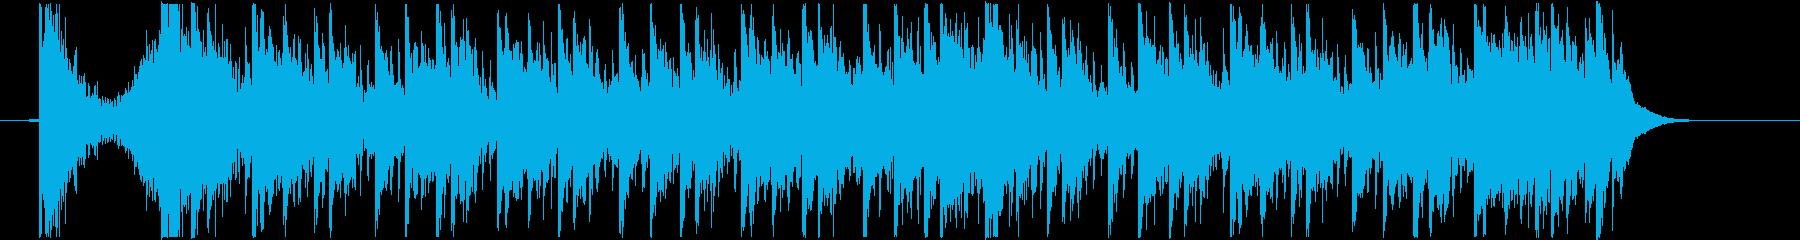 スタイリッシュでクールさを演出した曲の再生済みの波形